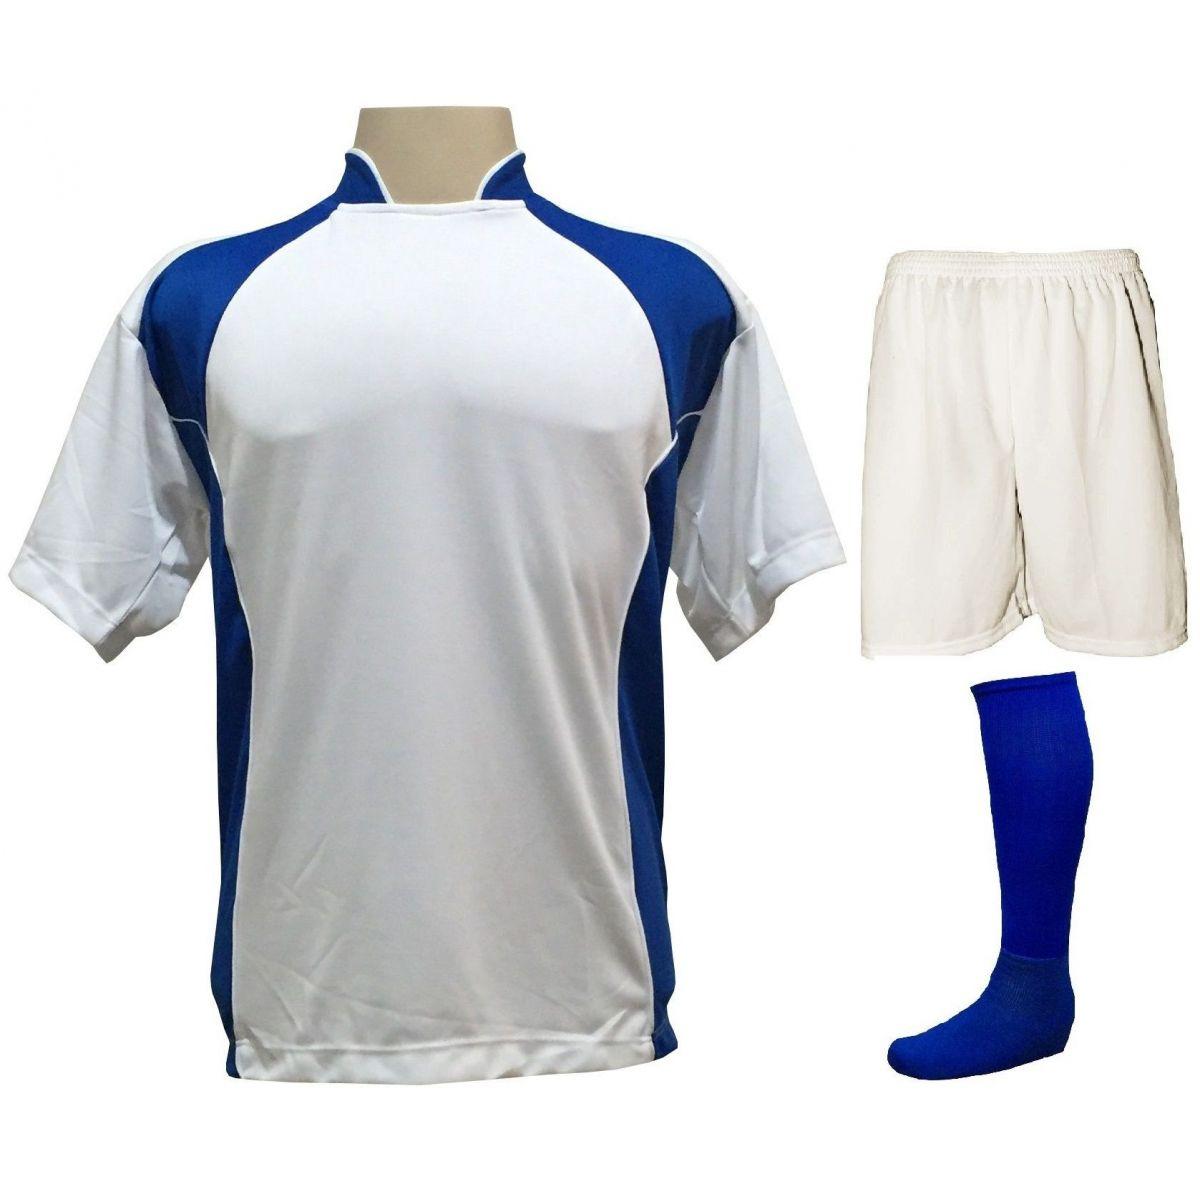 Uniforme Esportivo Completo modelo Suécia 14+1 (14 camisas Branco/Royal + 14 calções Madrid Branco + 14 pares de meiões Royal + 1 conjunto de goleiro) + Brindes